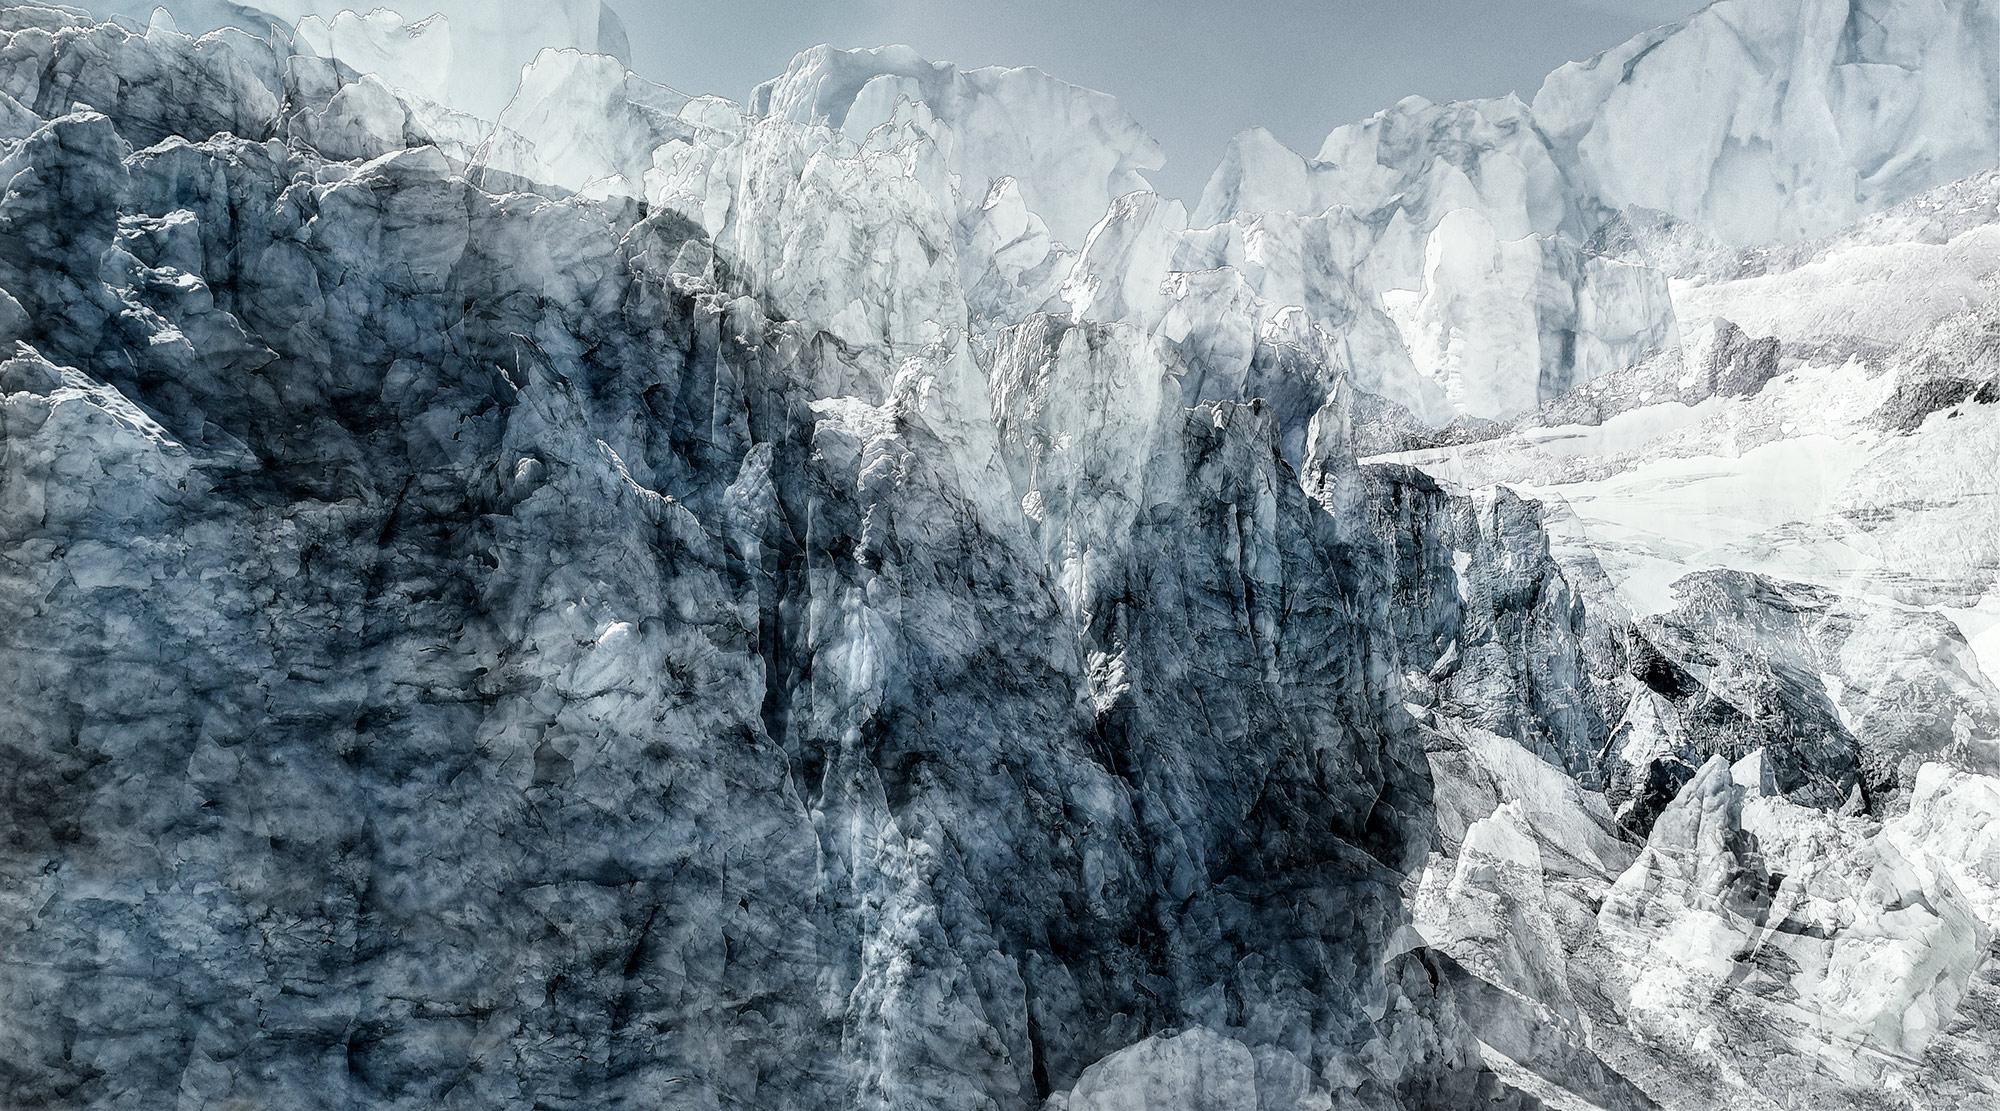 #171 Glaciers offset, 2019, photographie reconstruite à partir de bandes videos, réalisées sur le glacier de Moiry